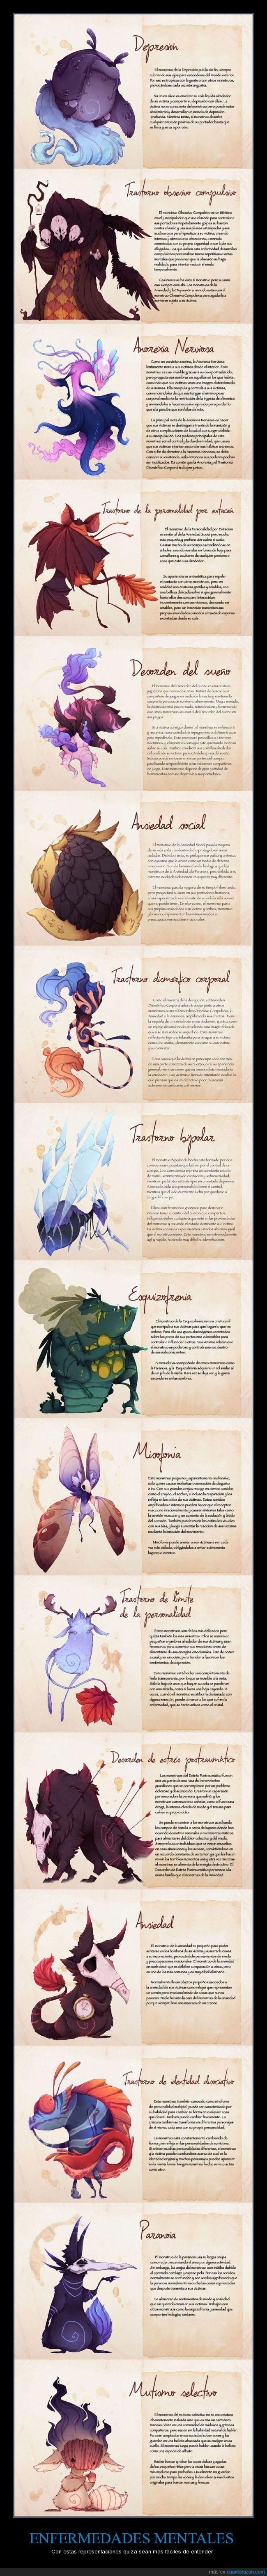 ENFERMEDADES MENTALES - Con estas representaciones quizá sean más fáciles de entender